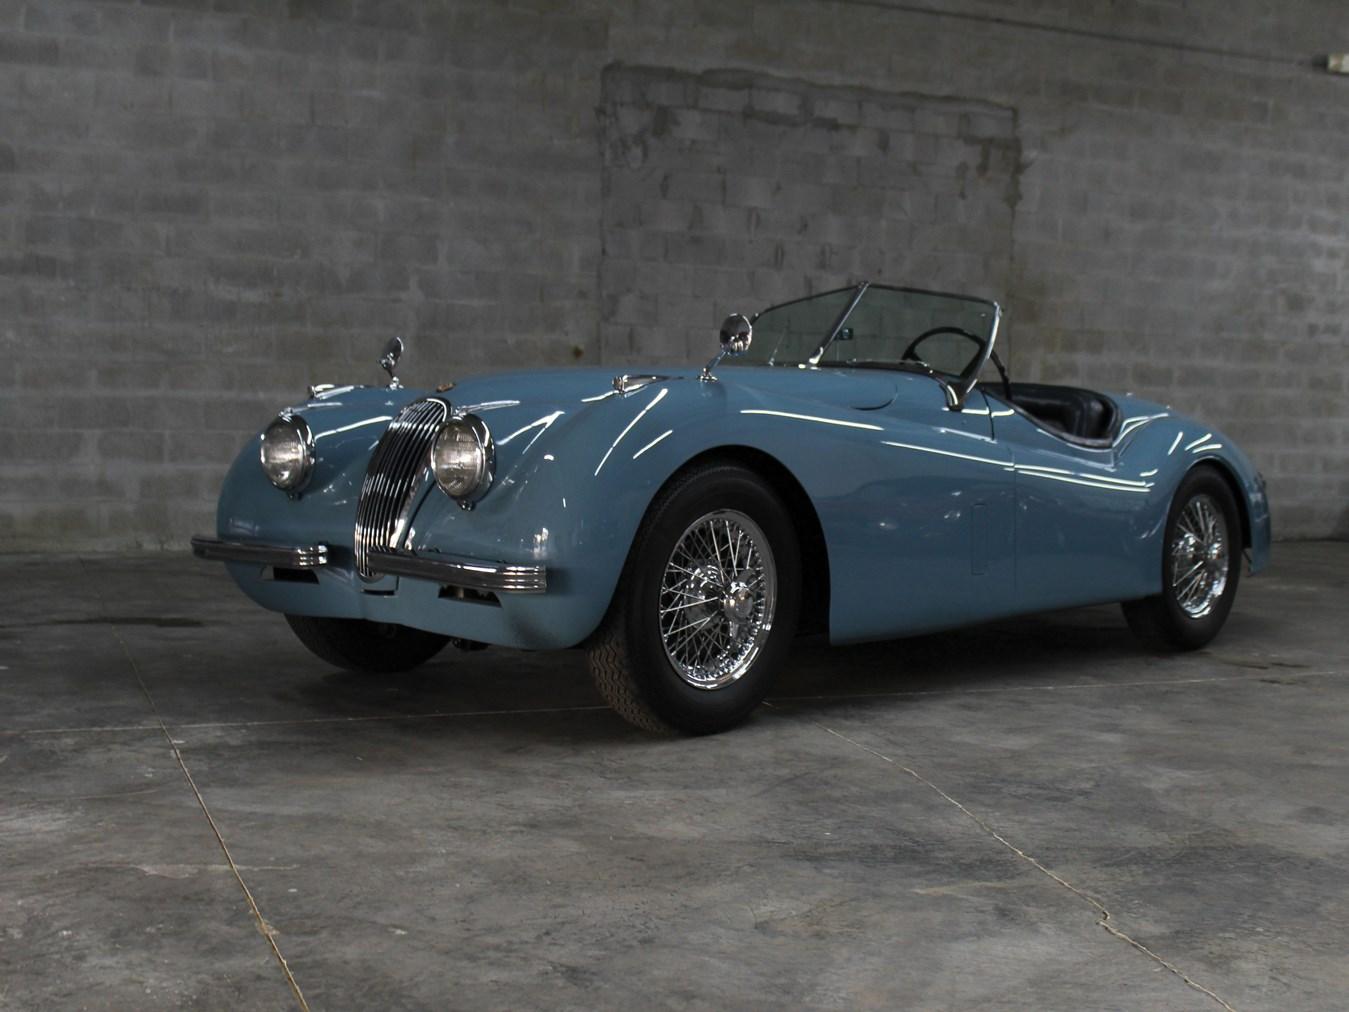 sotheby e fort series s v roadster jaguar rm auctions en lauderdale lots type